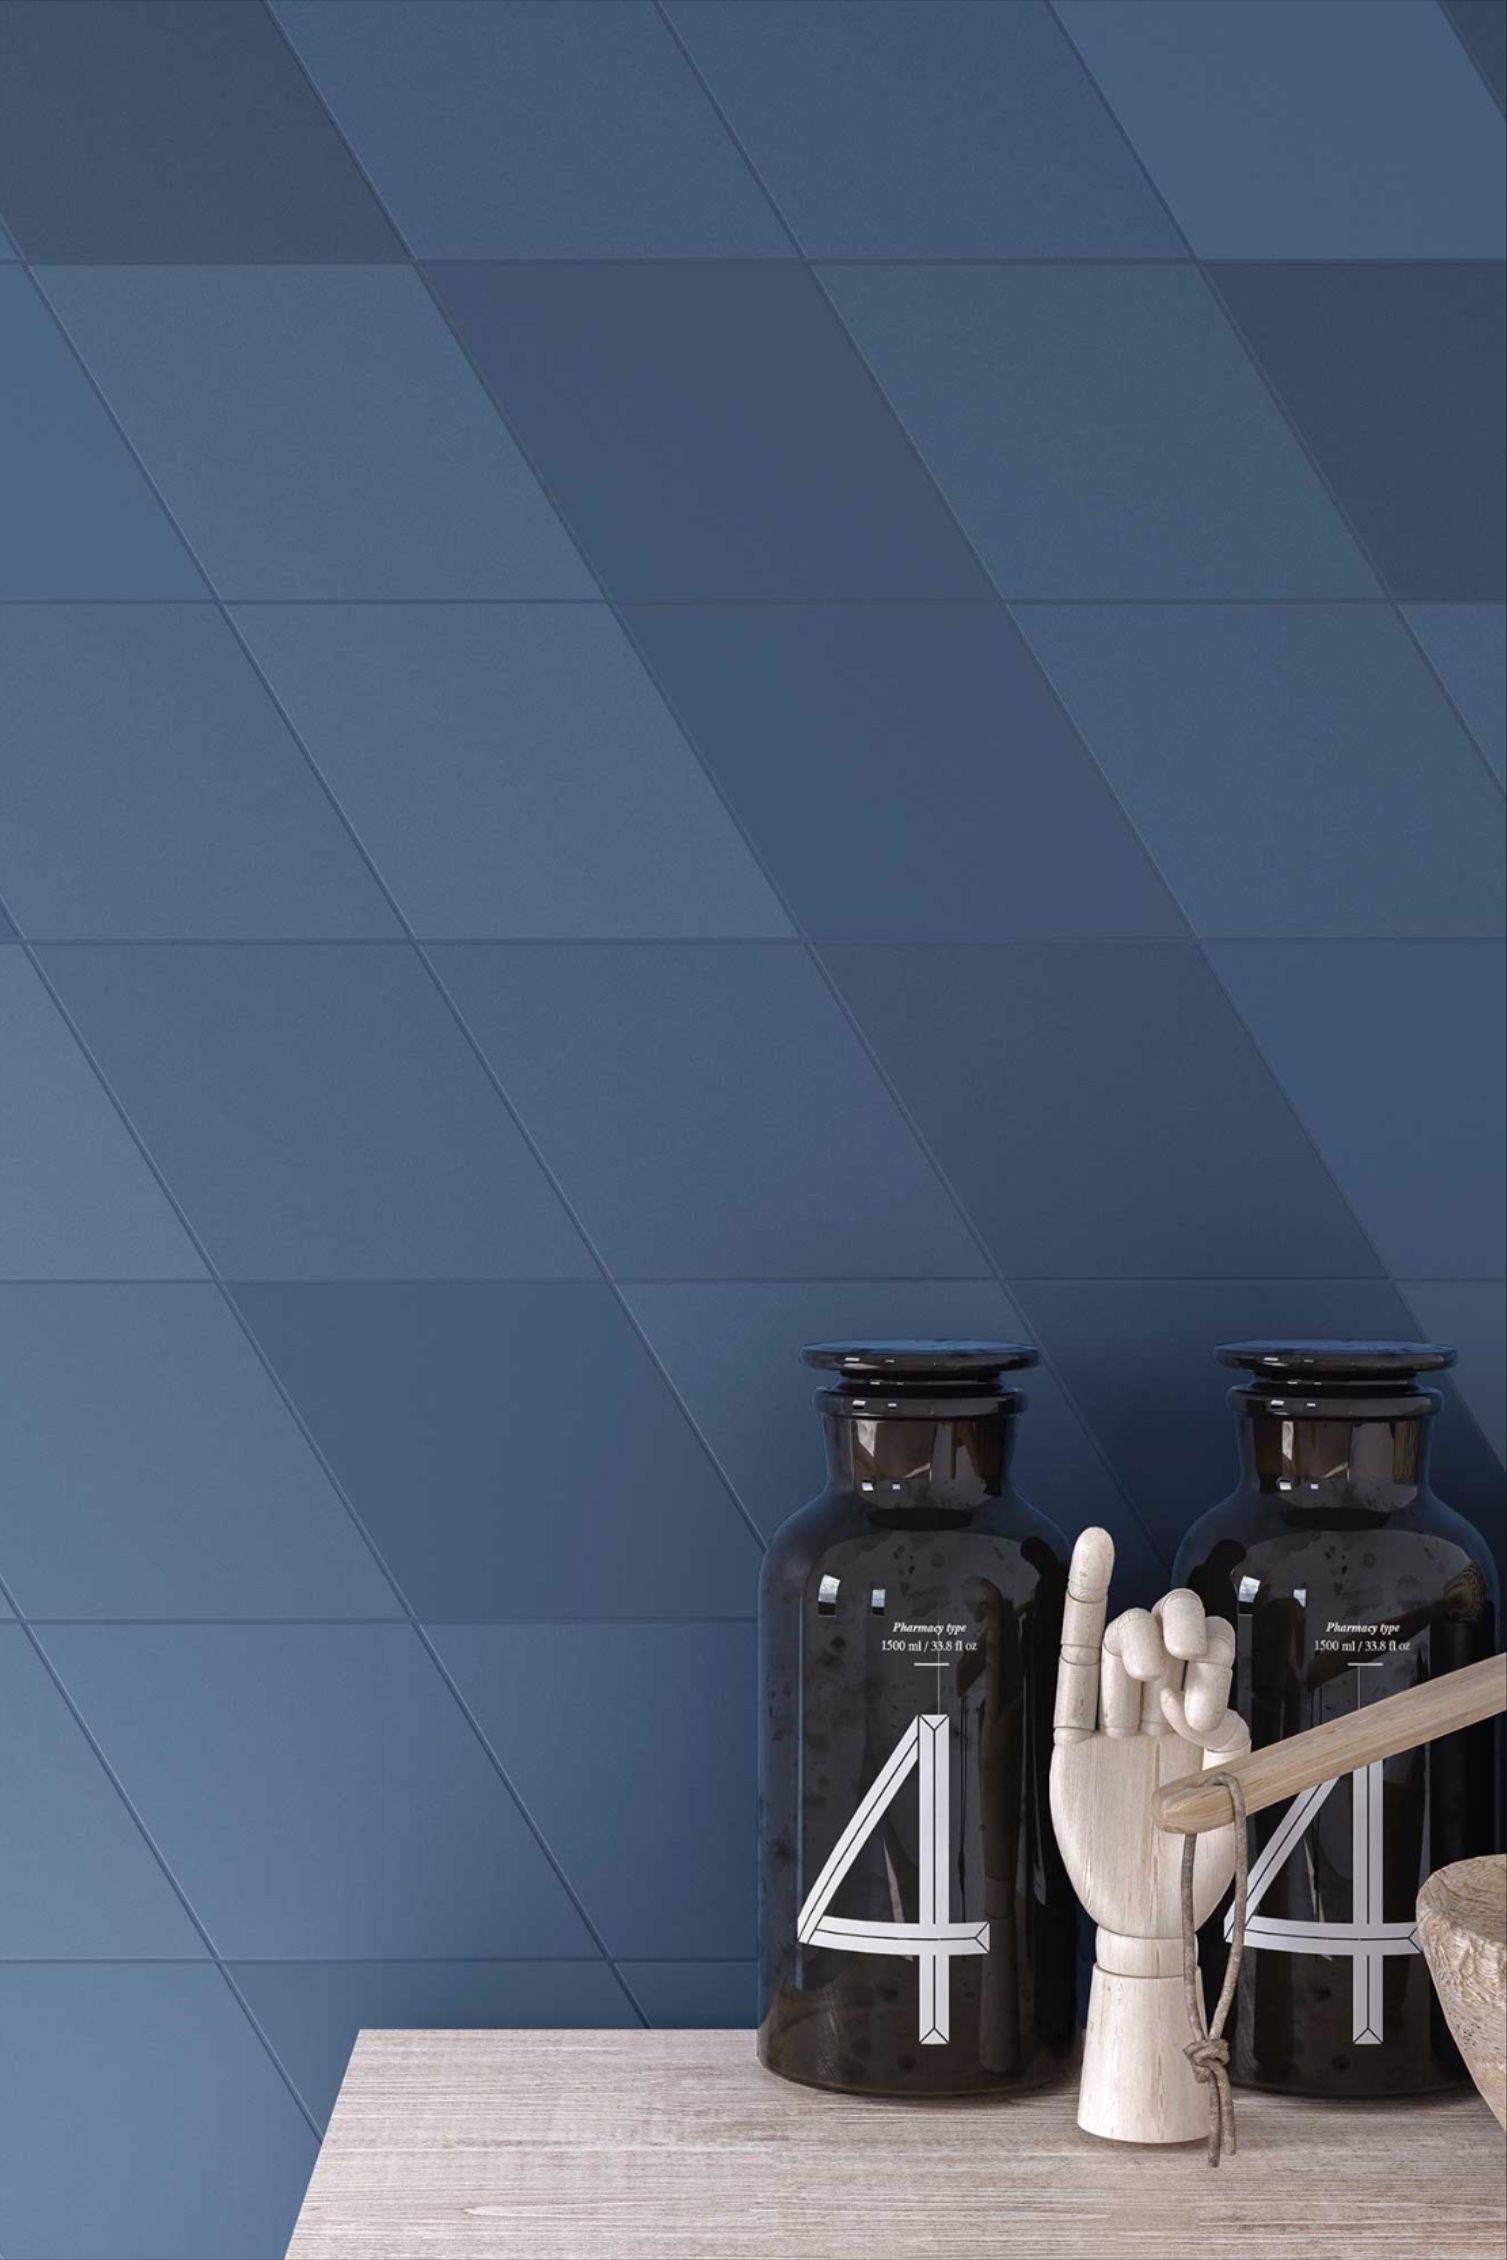 Une Credence Nuancee Et Graphique Bleue Nuit En 2020 Bleu Nuit Carrelage Sol Carrelage